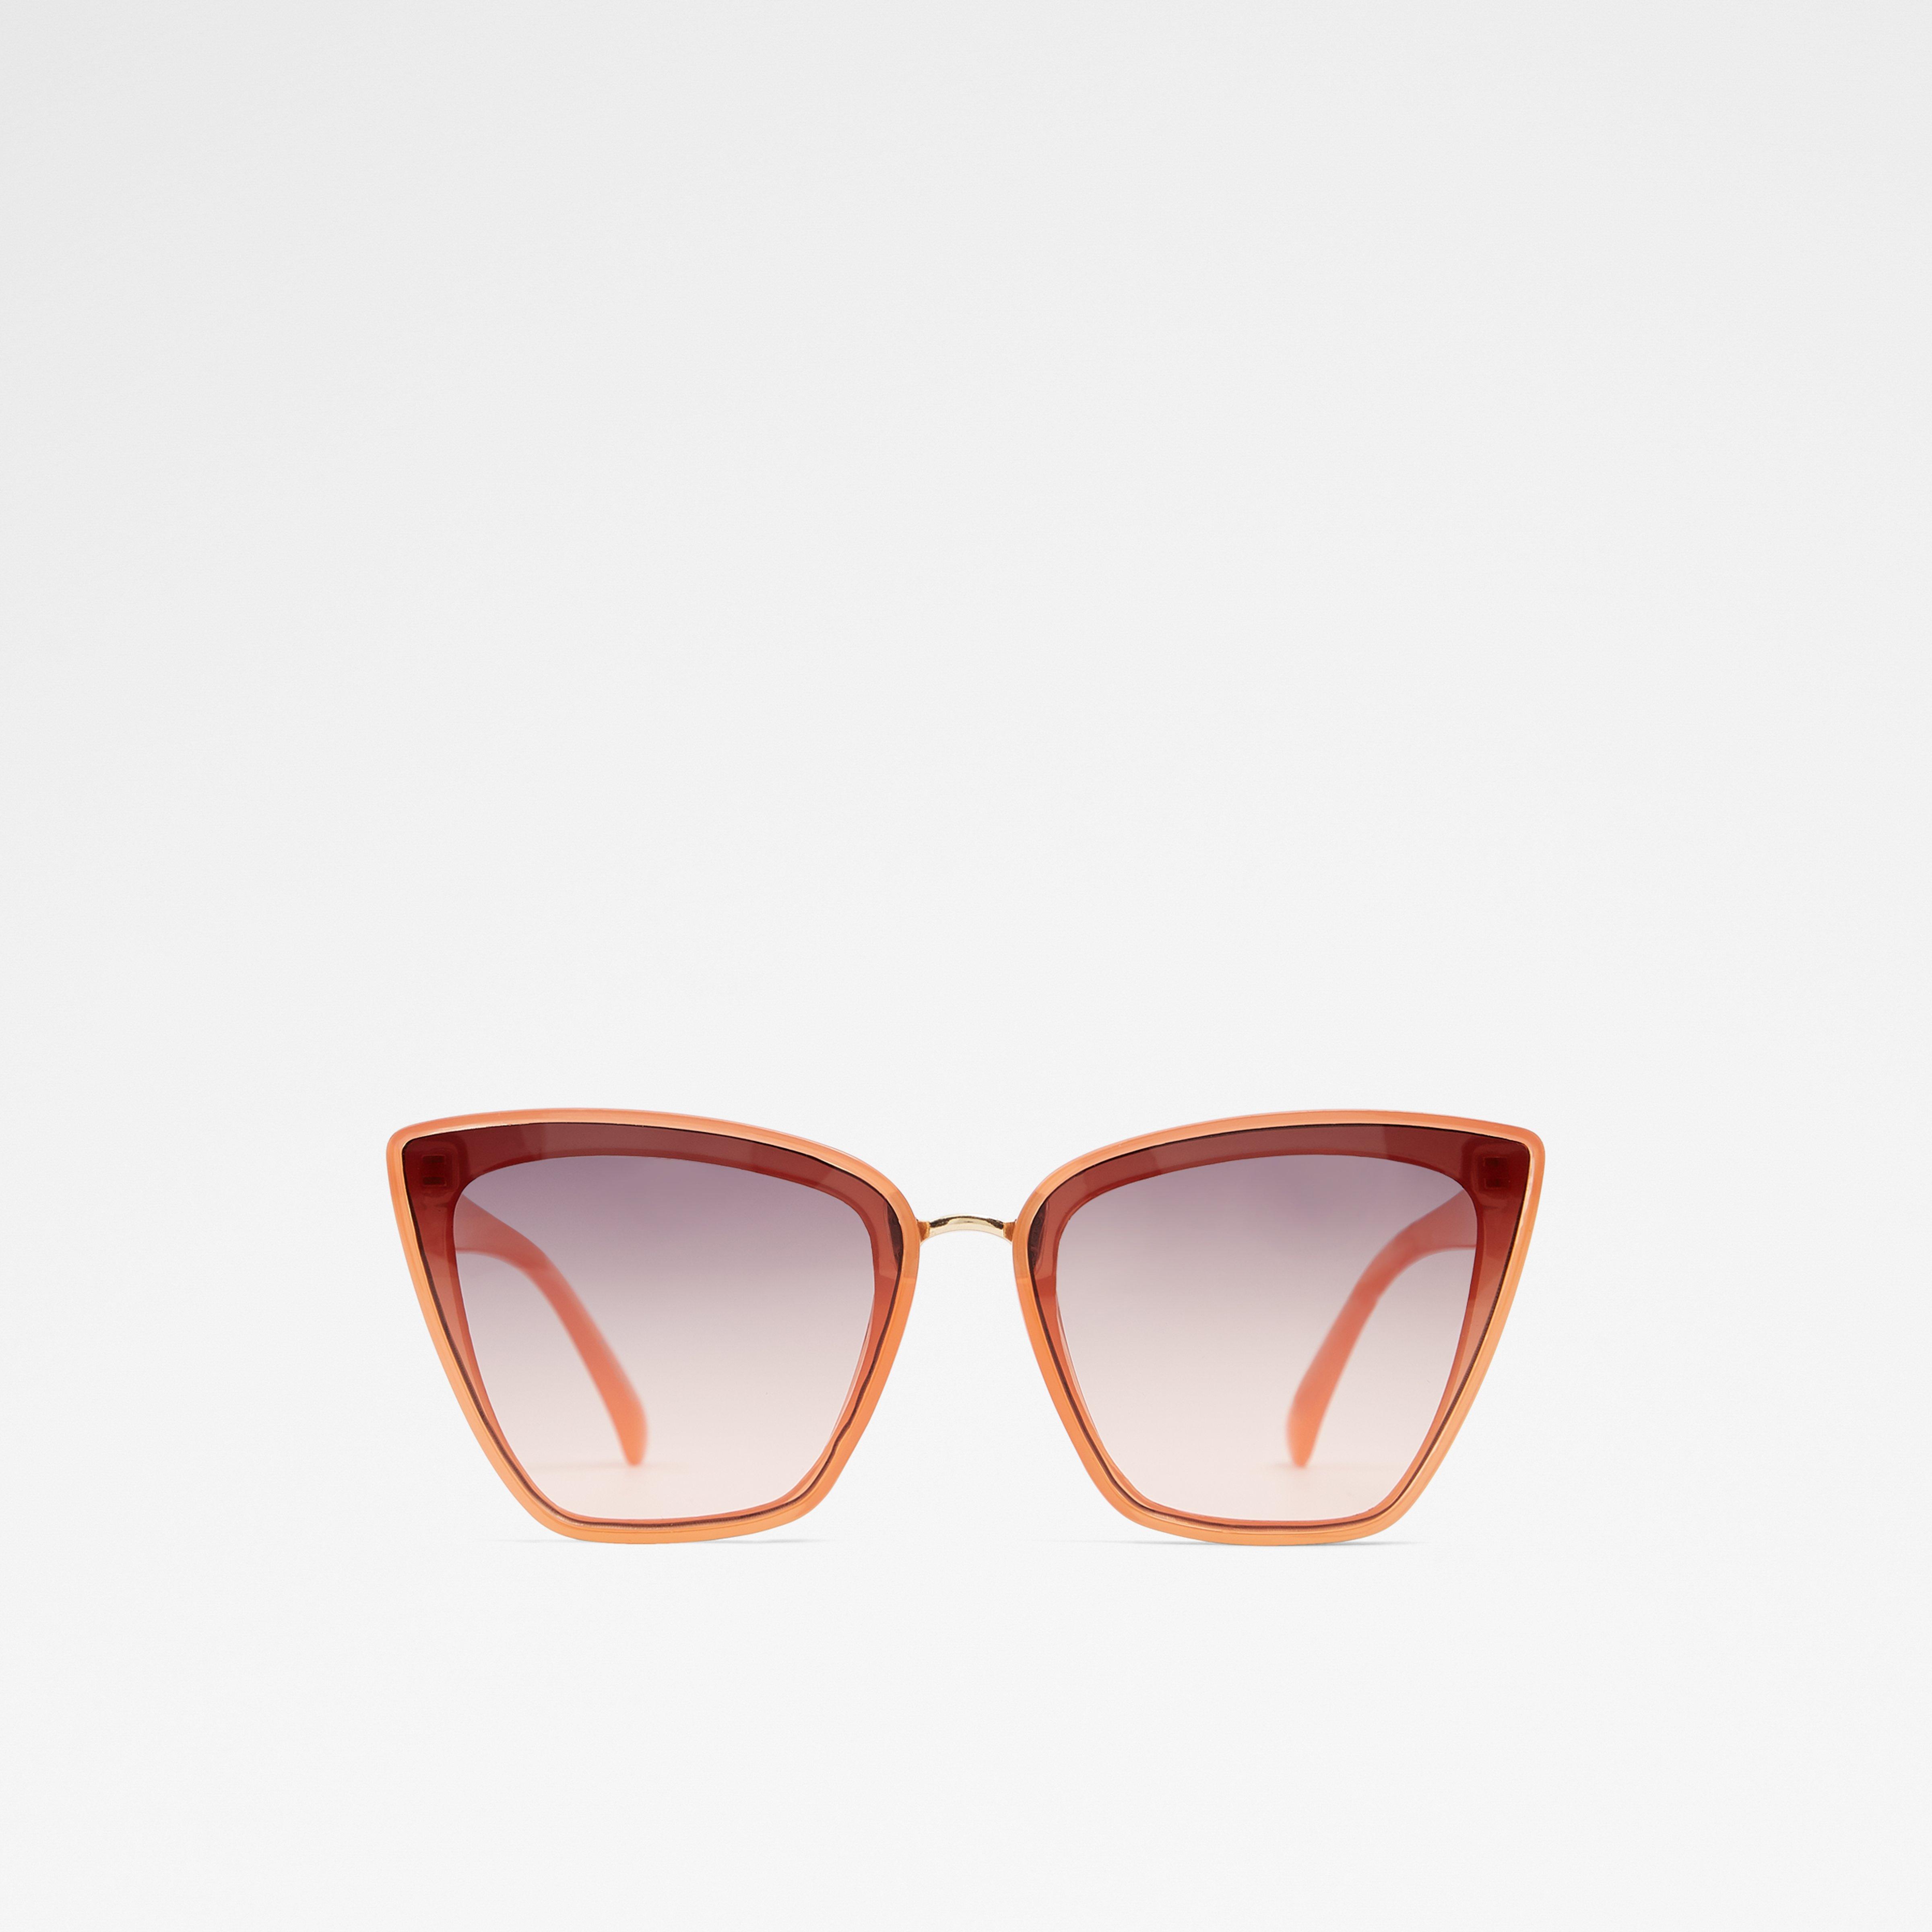 Ochelari De Soare Aldo Portocalii, Afalendra830, Din Pvc